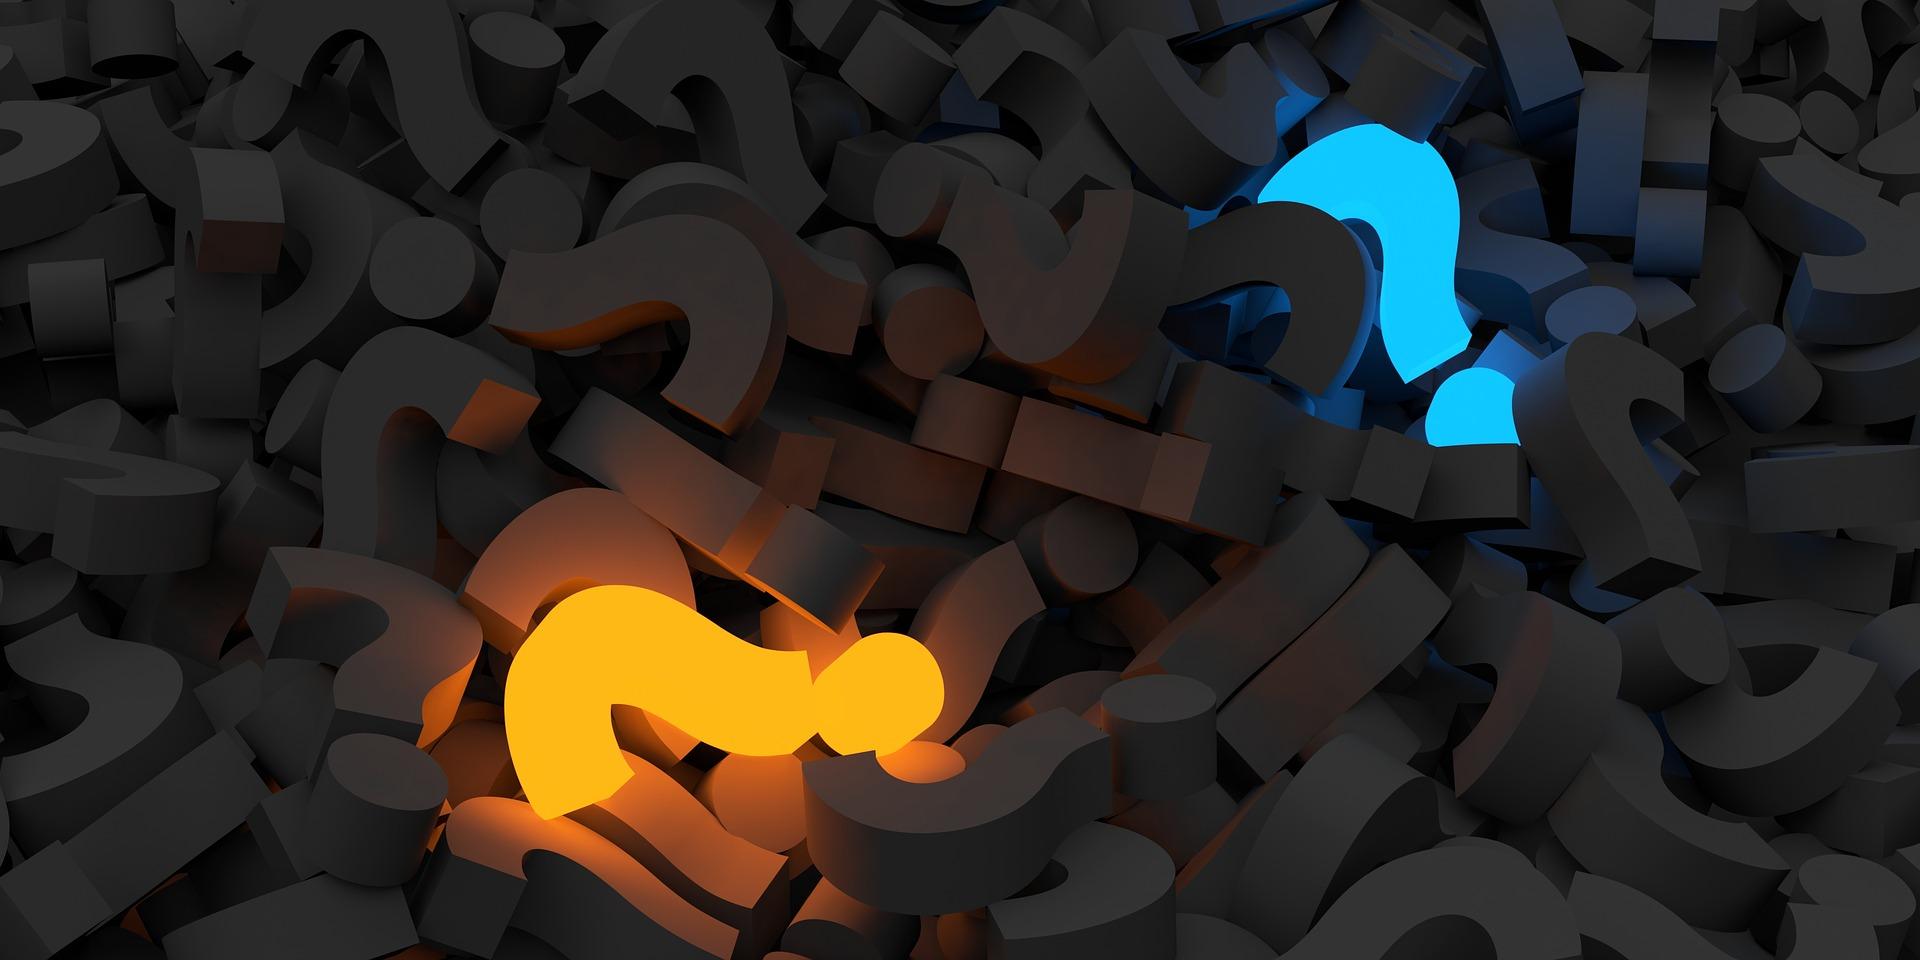 Jakie pytania sobie zadać, by zacząć pracę?